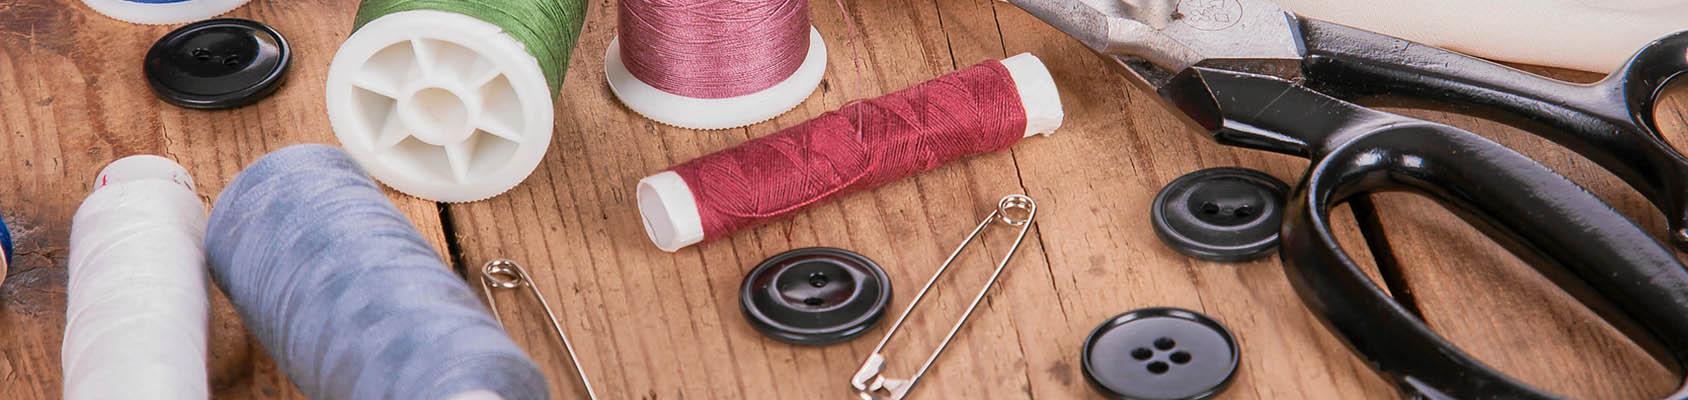 Elementos esenciales para tu máquina de coser